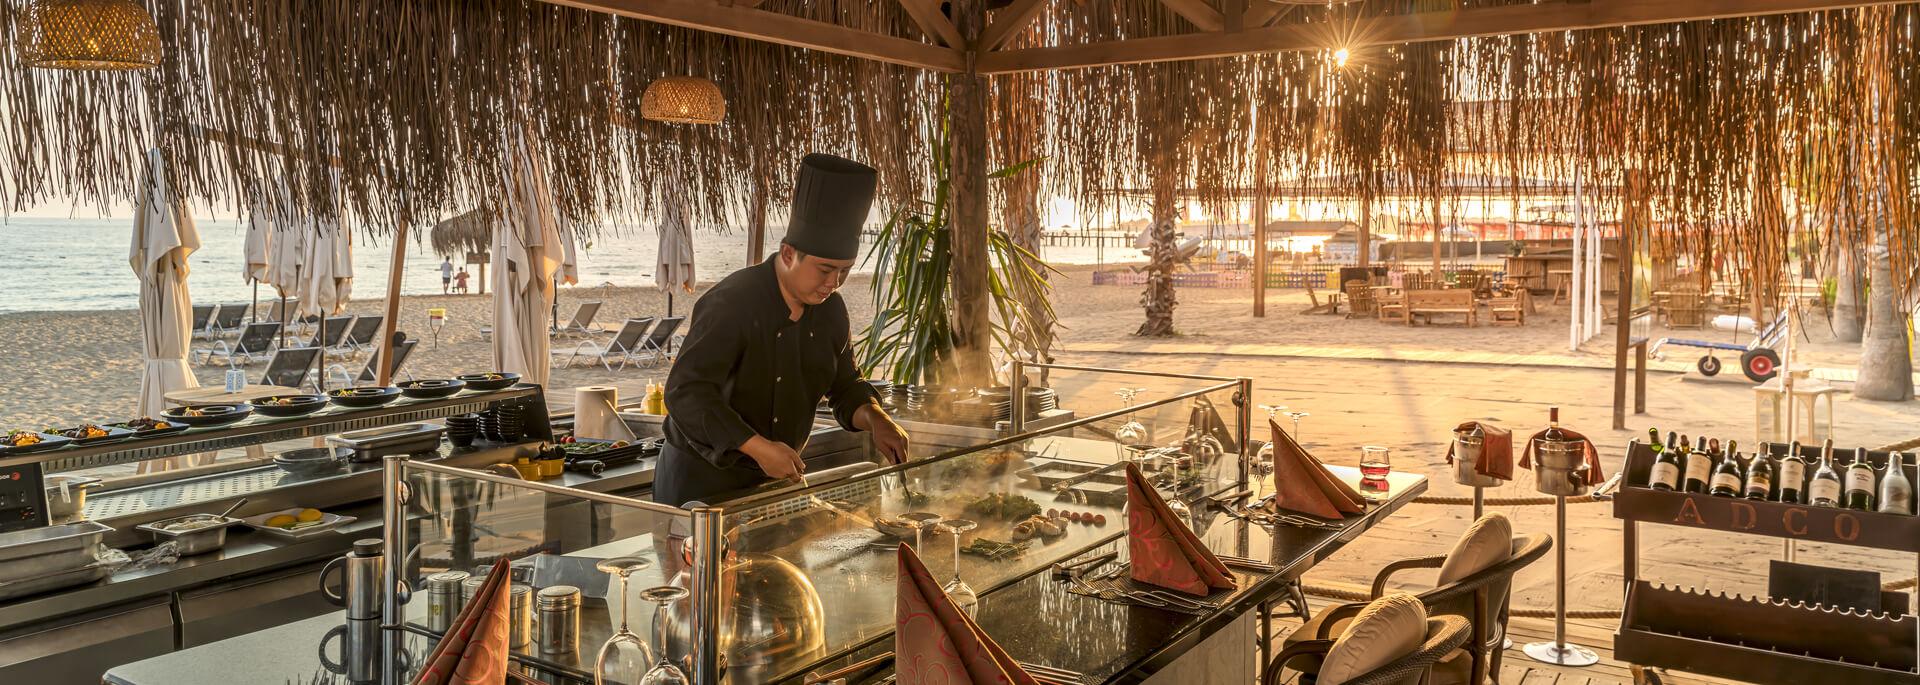 Restaurants und Bars - Ali Bey Resort Sorgun - Side, Antalya, Türkei